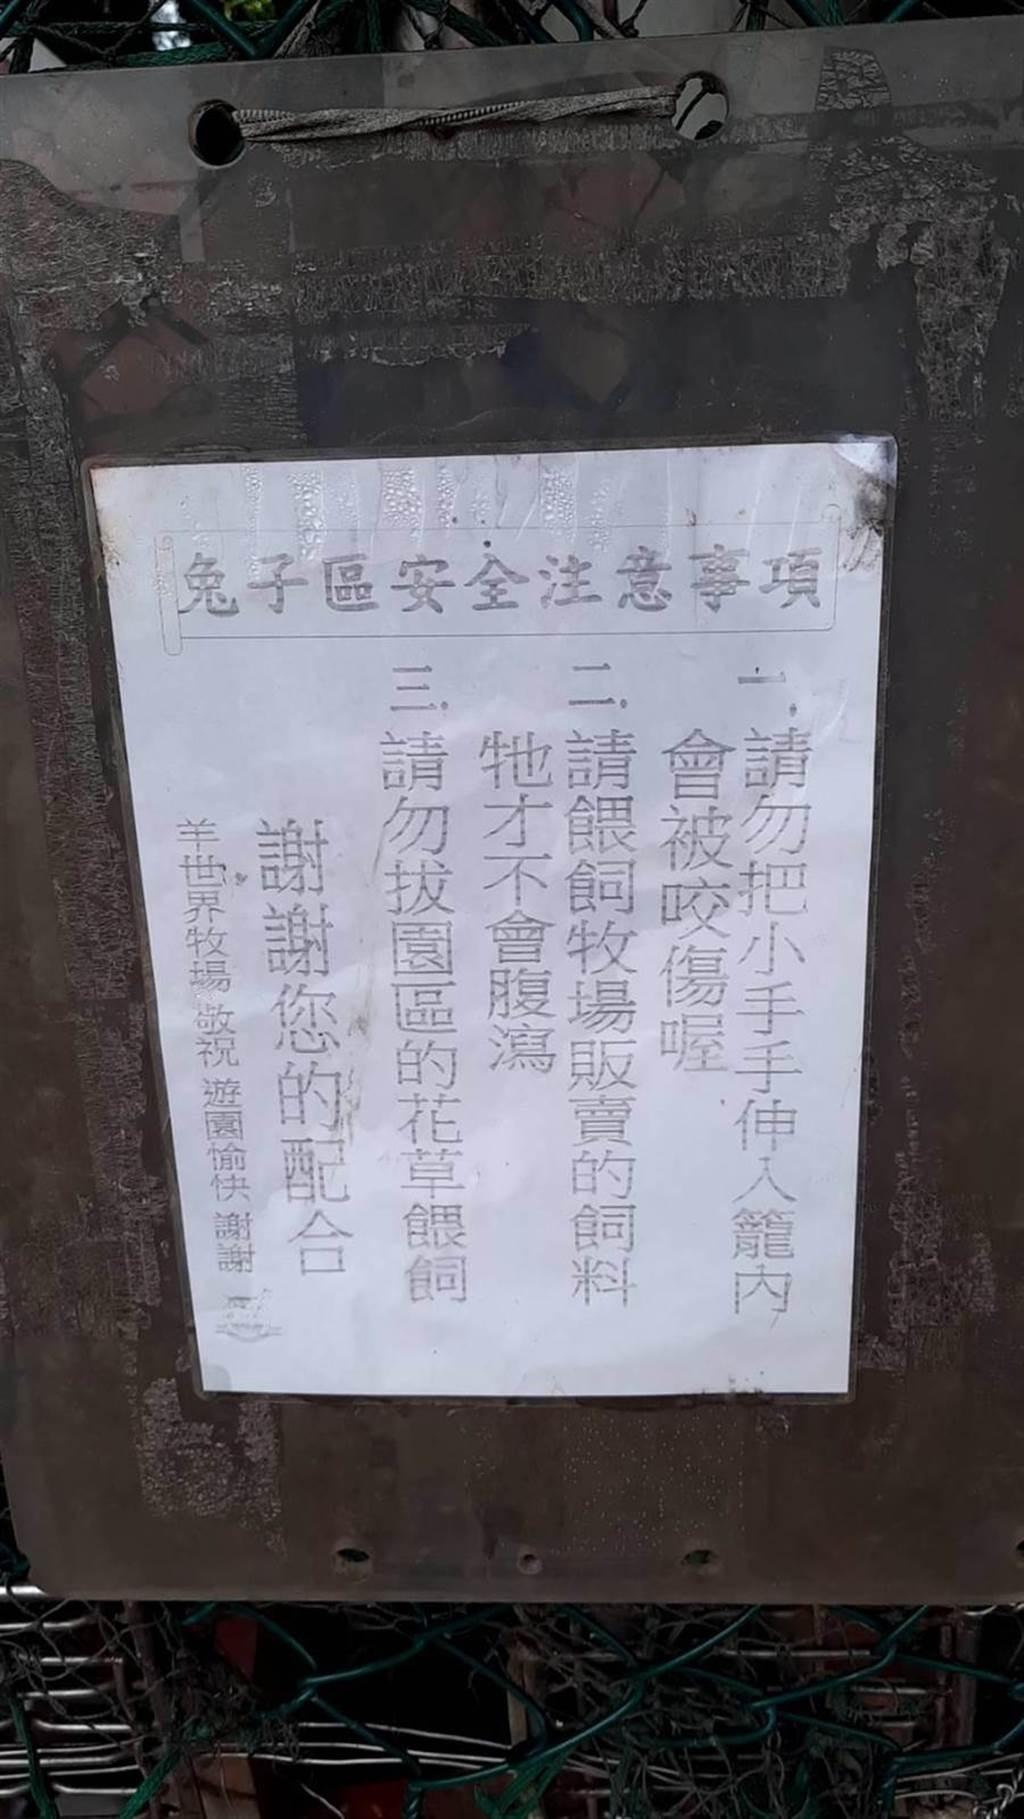 羊世界江姓負責人表示,兔籠外都有張貼告示,請遊客勿將手伸進籠內。(黃婉婷攝)